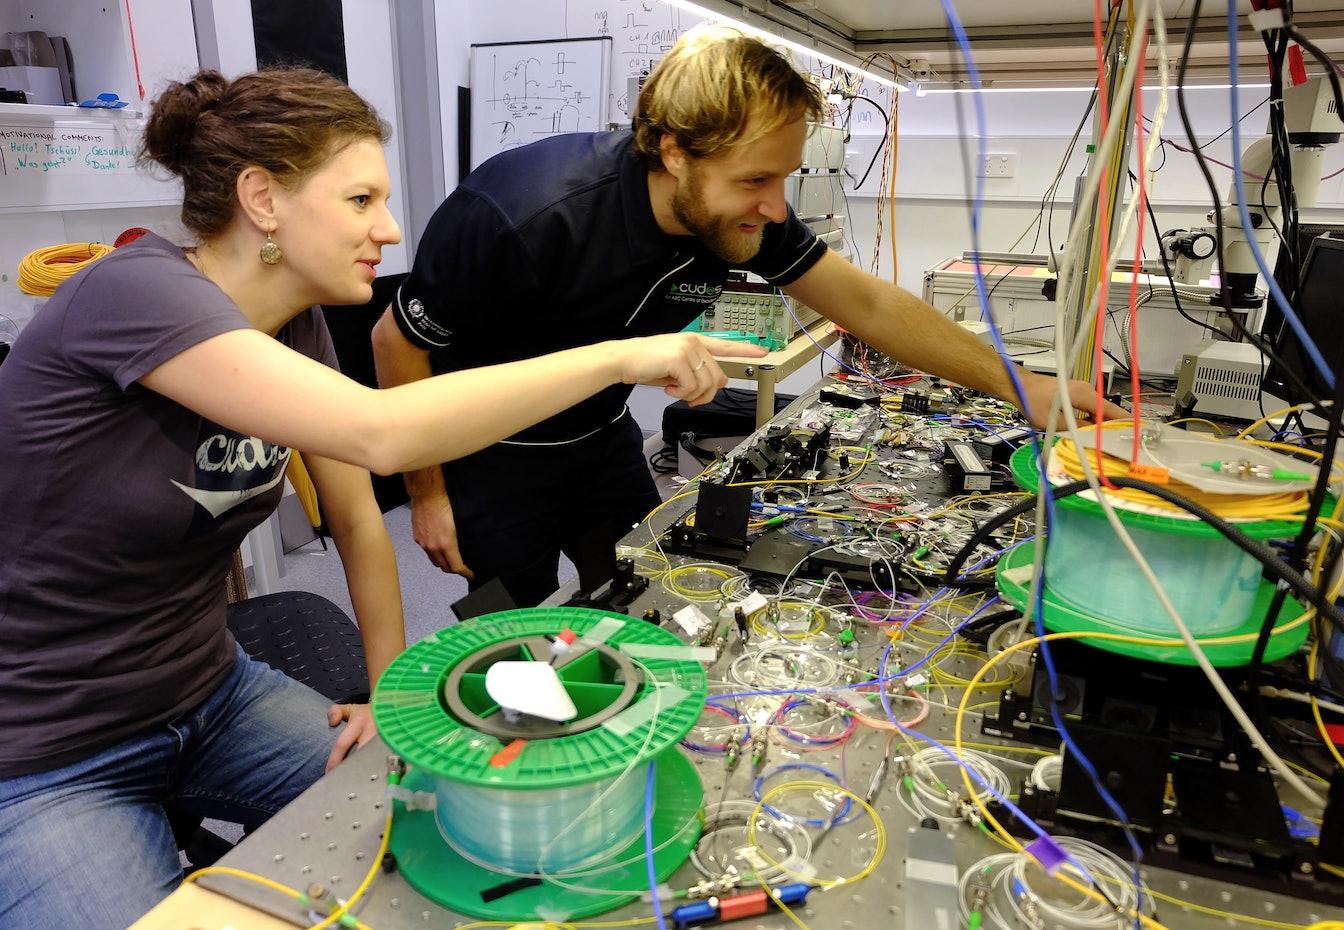 bm_lab00020_2-YAMEzavFkUCNEqOEXrAa3A.jpg?auto=compress&ch=Width%2CDPR&dpr=1.40&ixjsv=2.2.4&q=71&rect=90%2C0%2C4715%2C3264&w=960